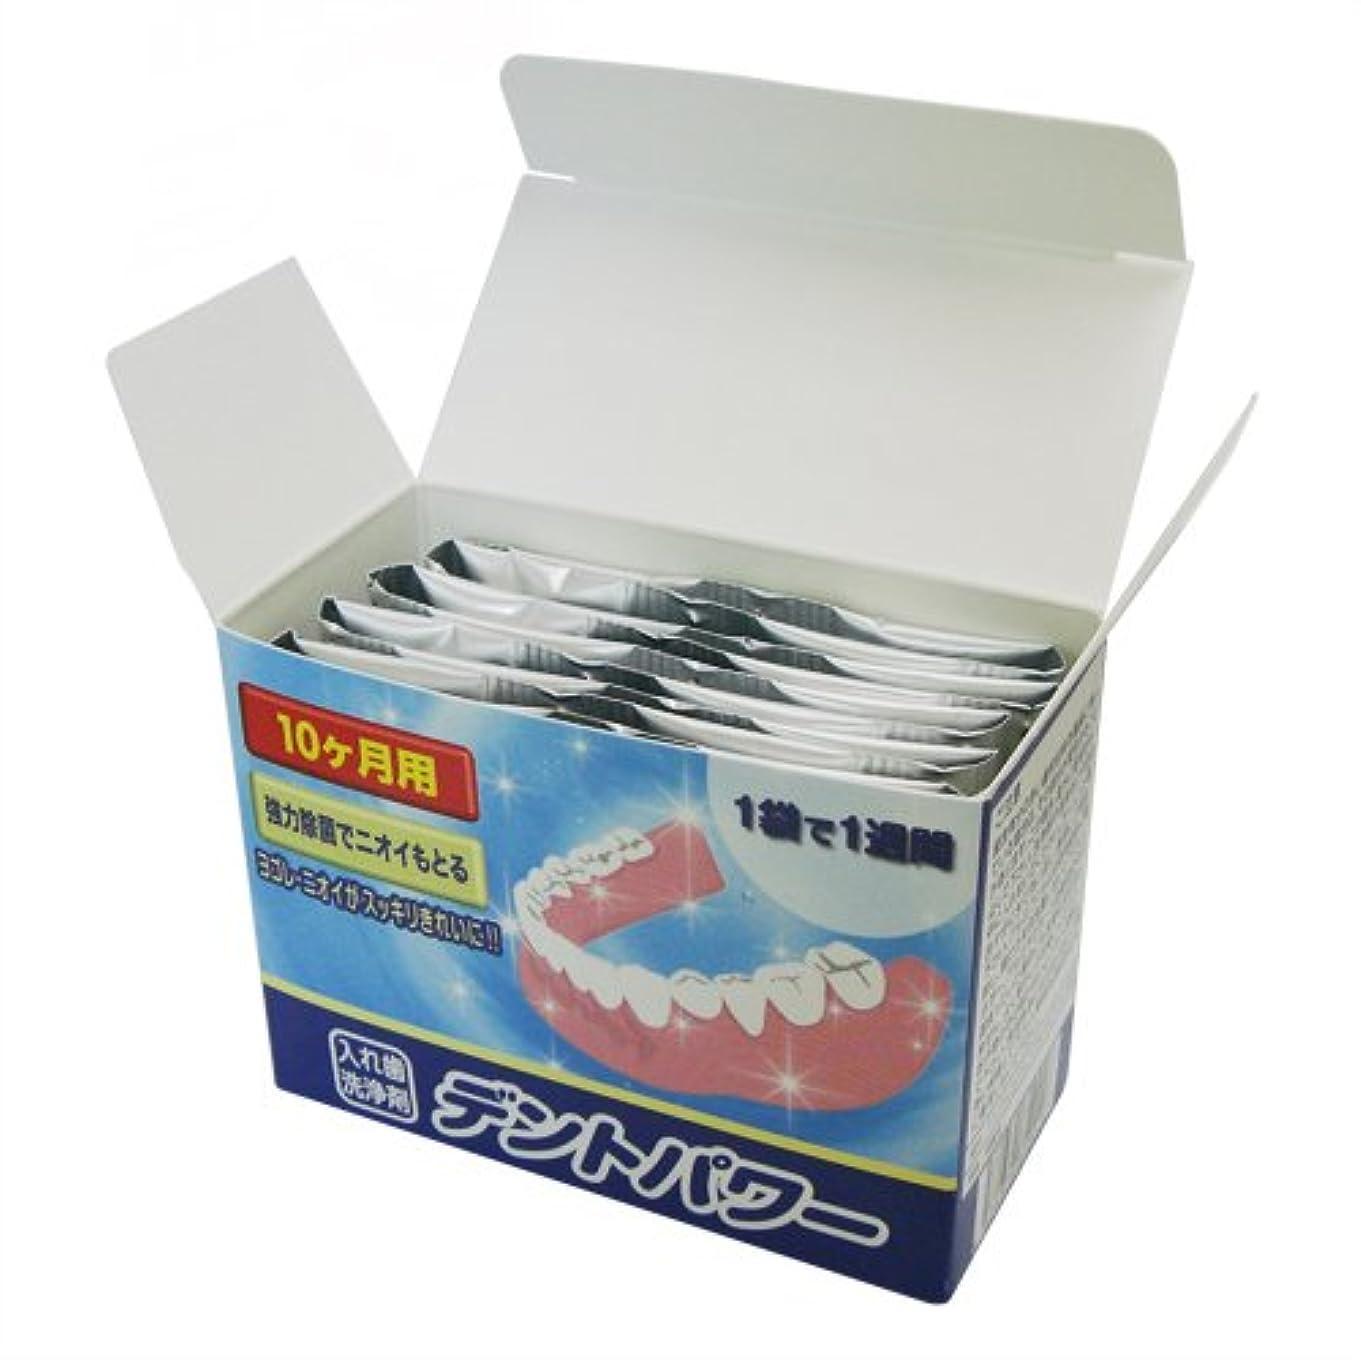 鎖豊富に無法者デントパワー 入れ歯洗浄剤 10ヵ月用(専用ケース無し)